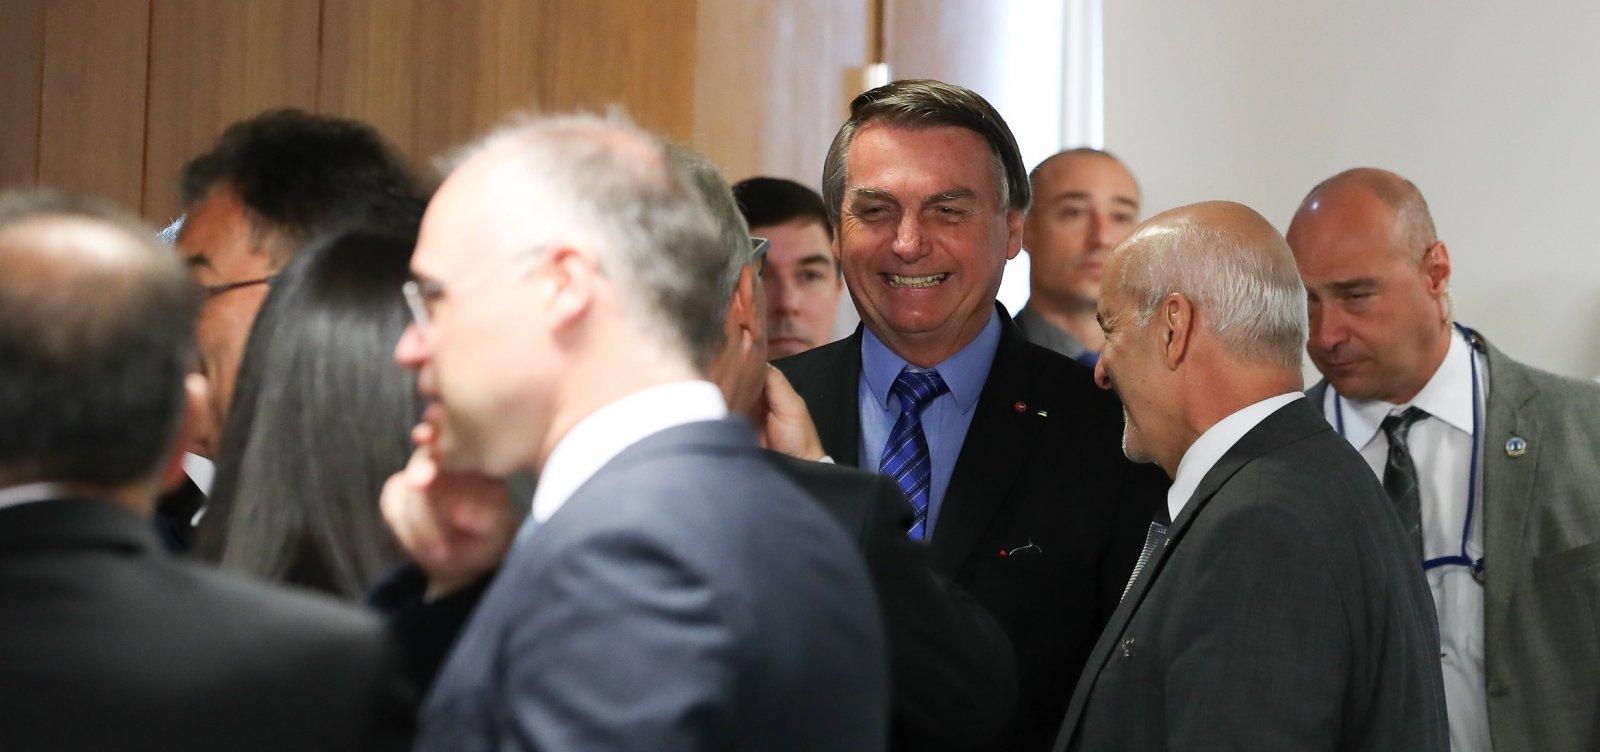 [Frente anti-Bolsonaro fracassa nas eleições municipais e esquerda só se une em Florianópolis]